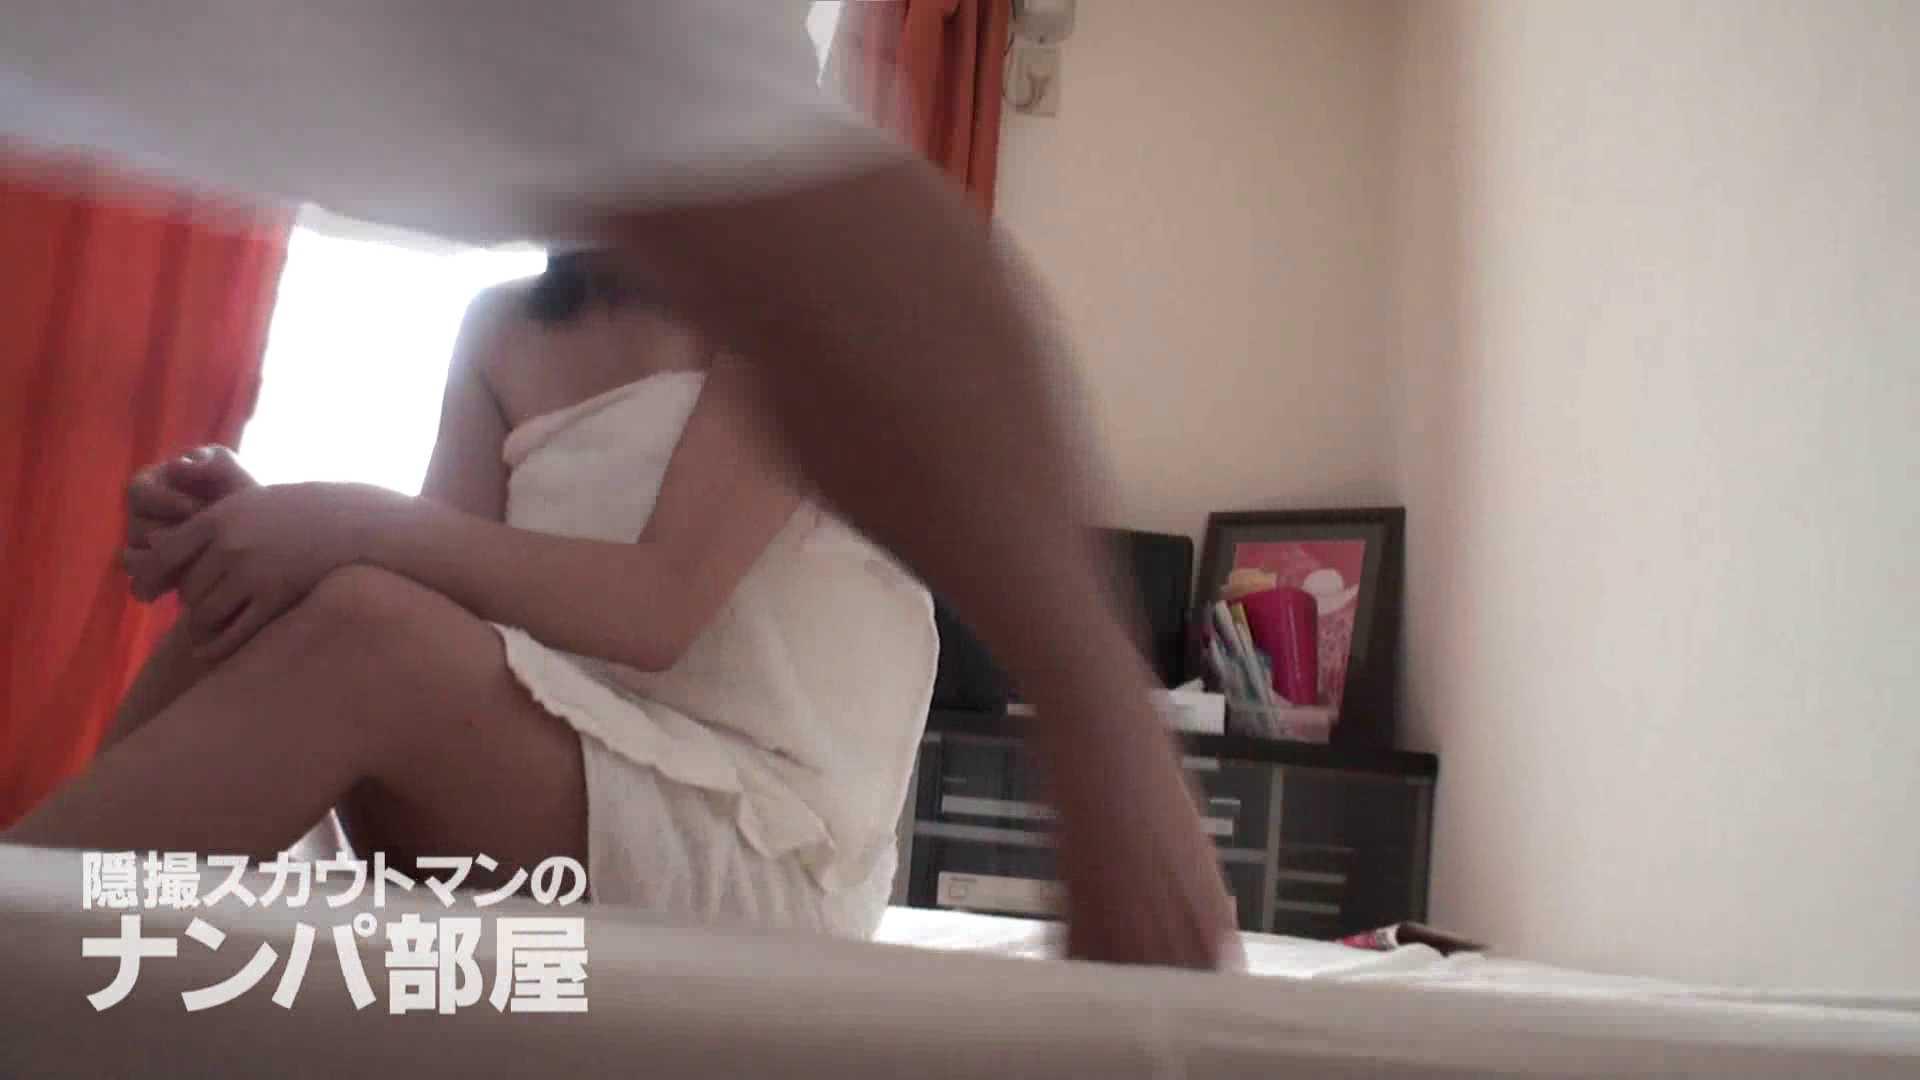 隠撮スカウトマンのナンパ部屋~風俗デビュー前のつまみ食い~ sii 脱衣所 | ナンパ  90連発 55